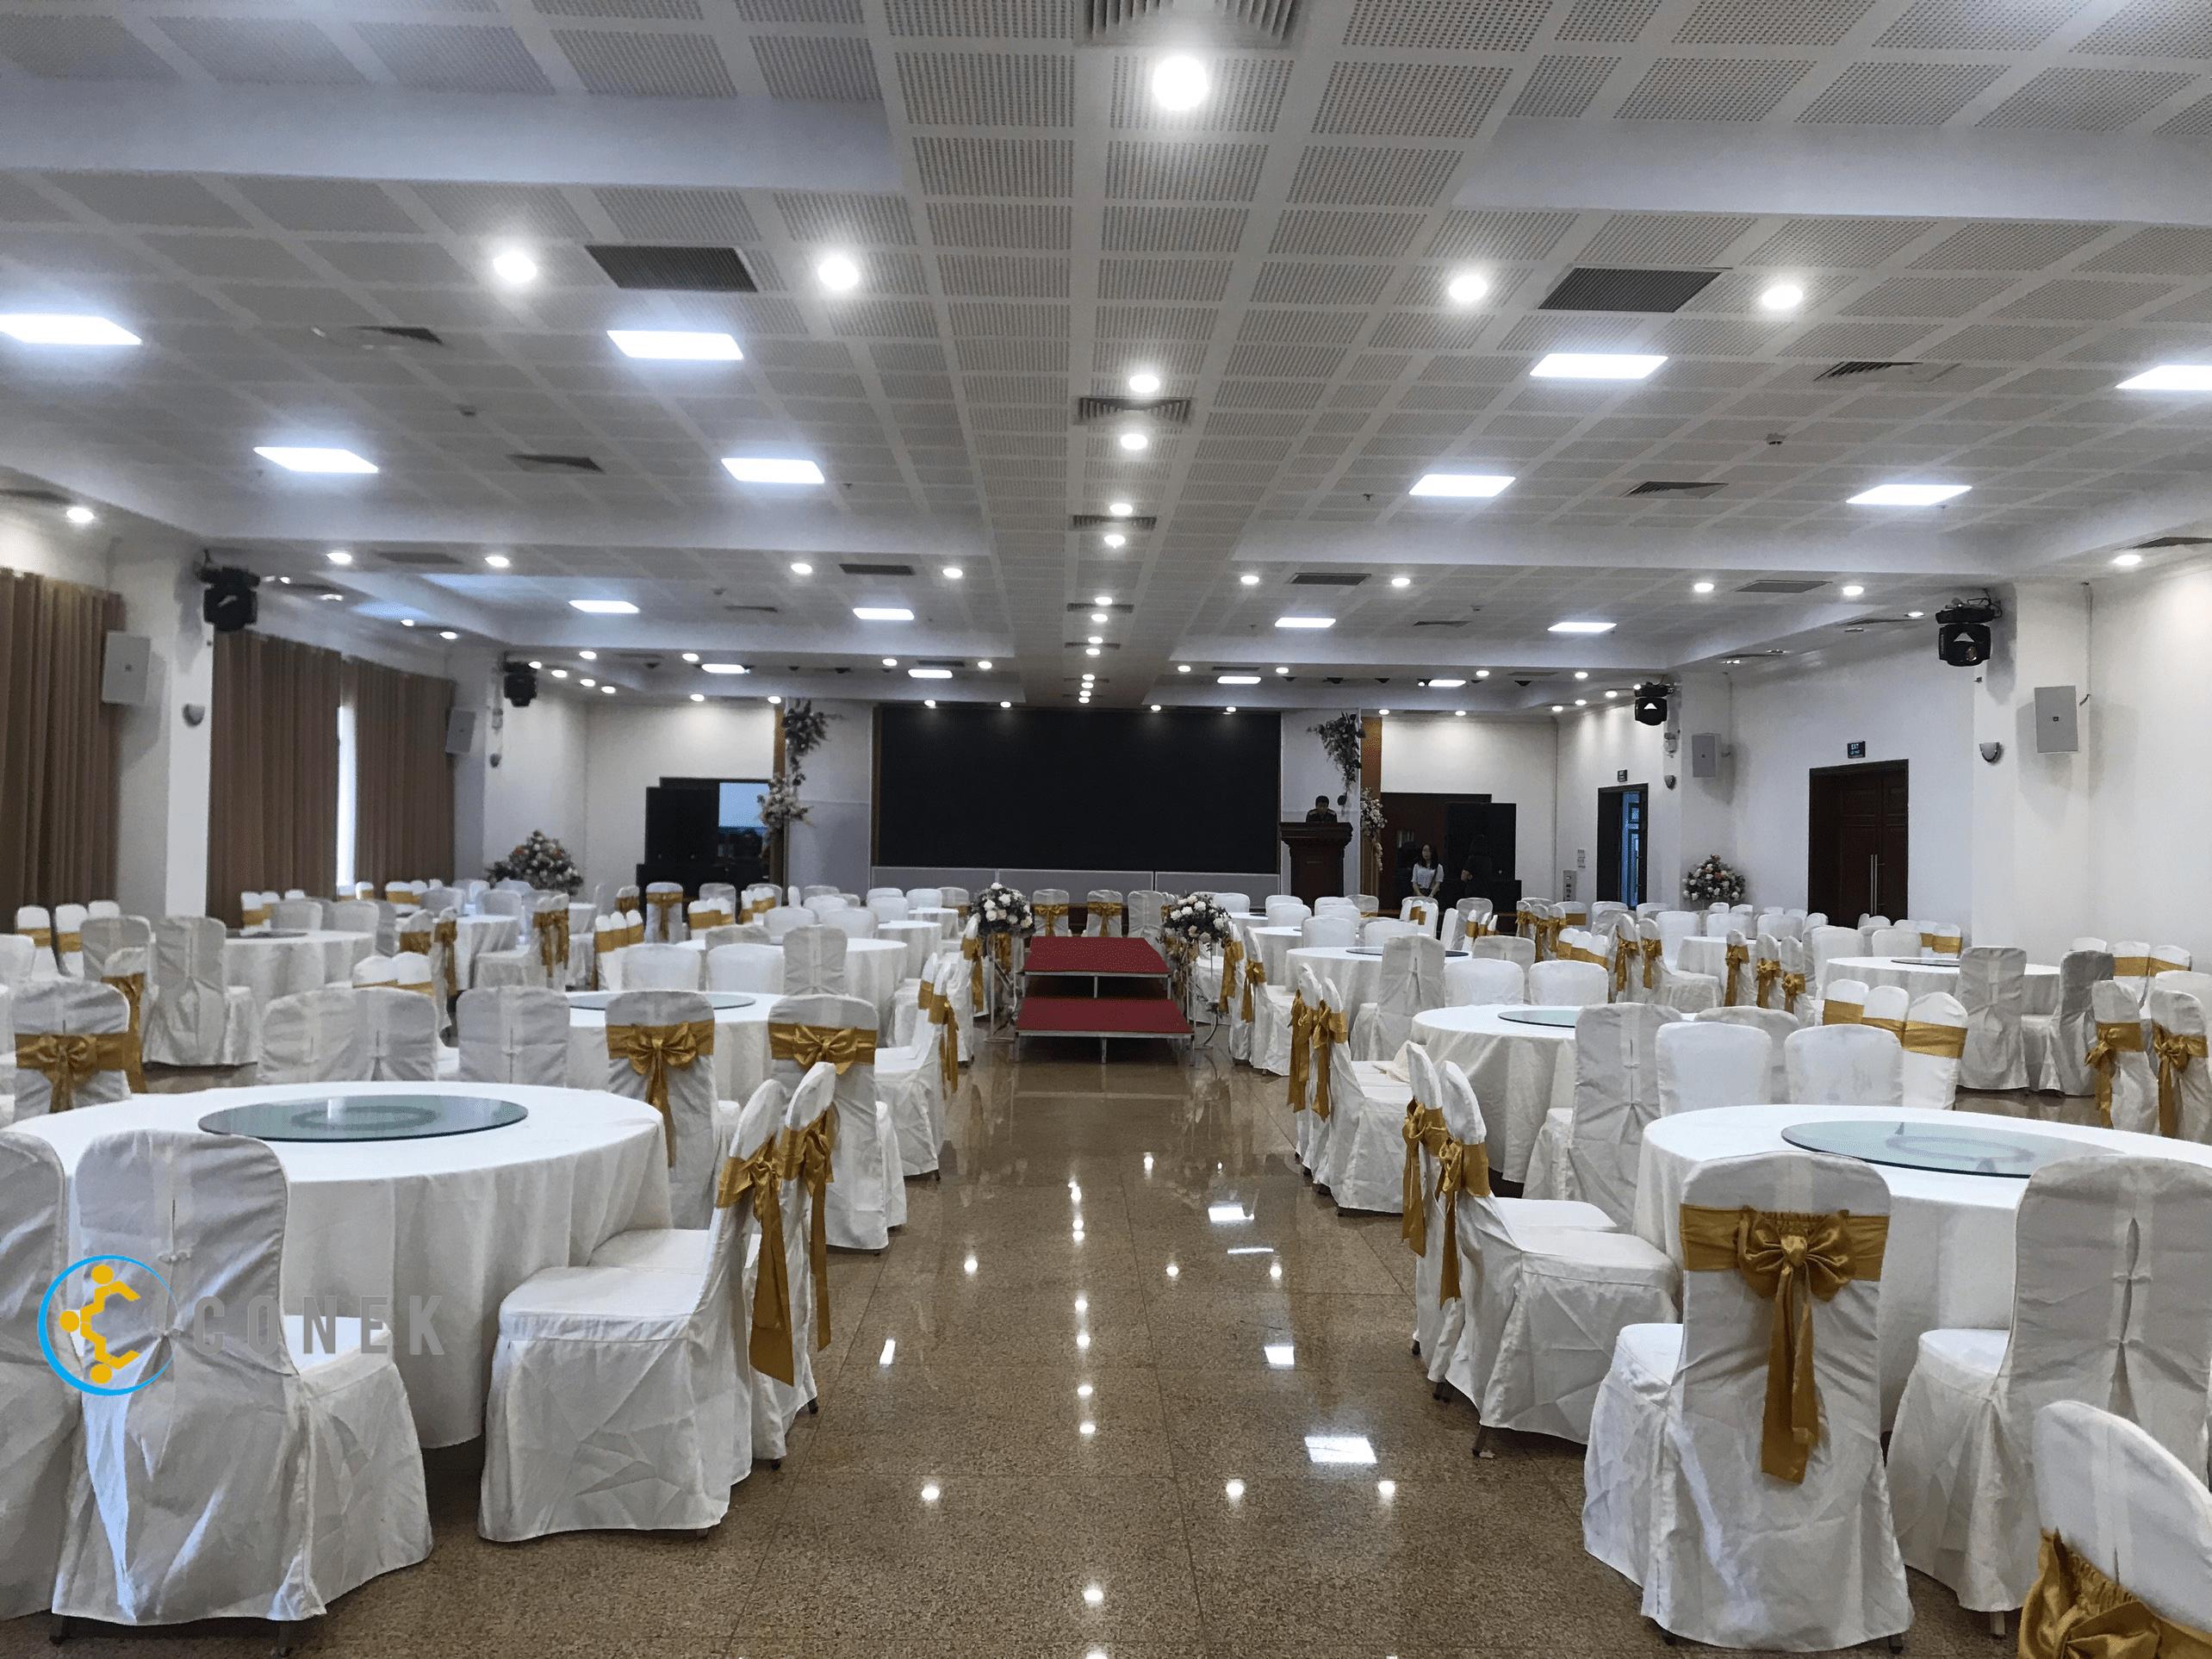 Hội trường khách sạn Thuỵ Khuê